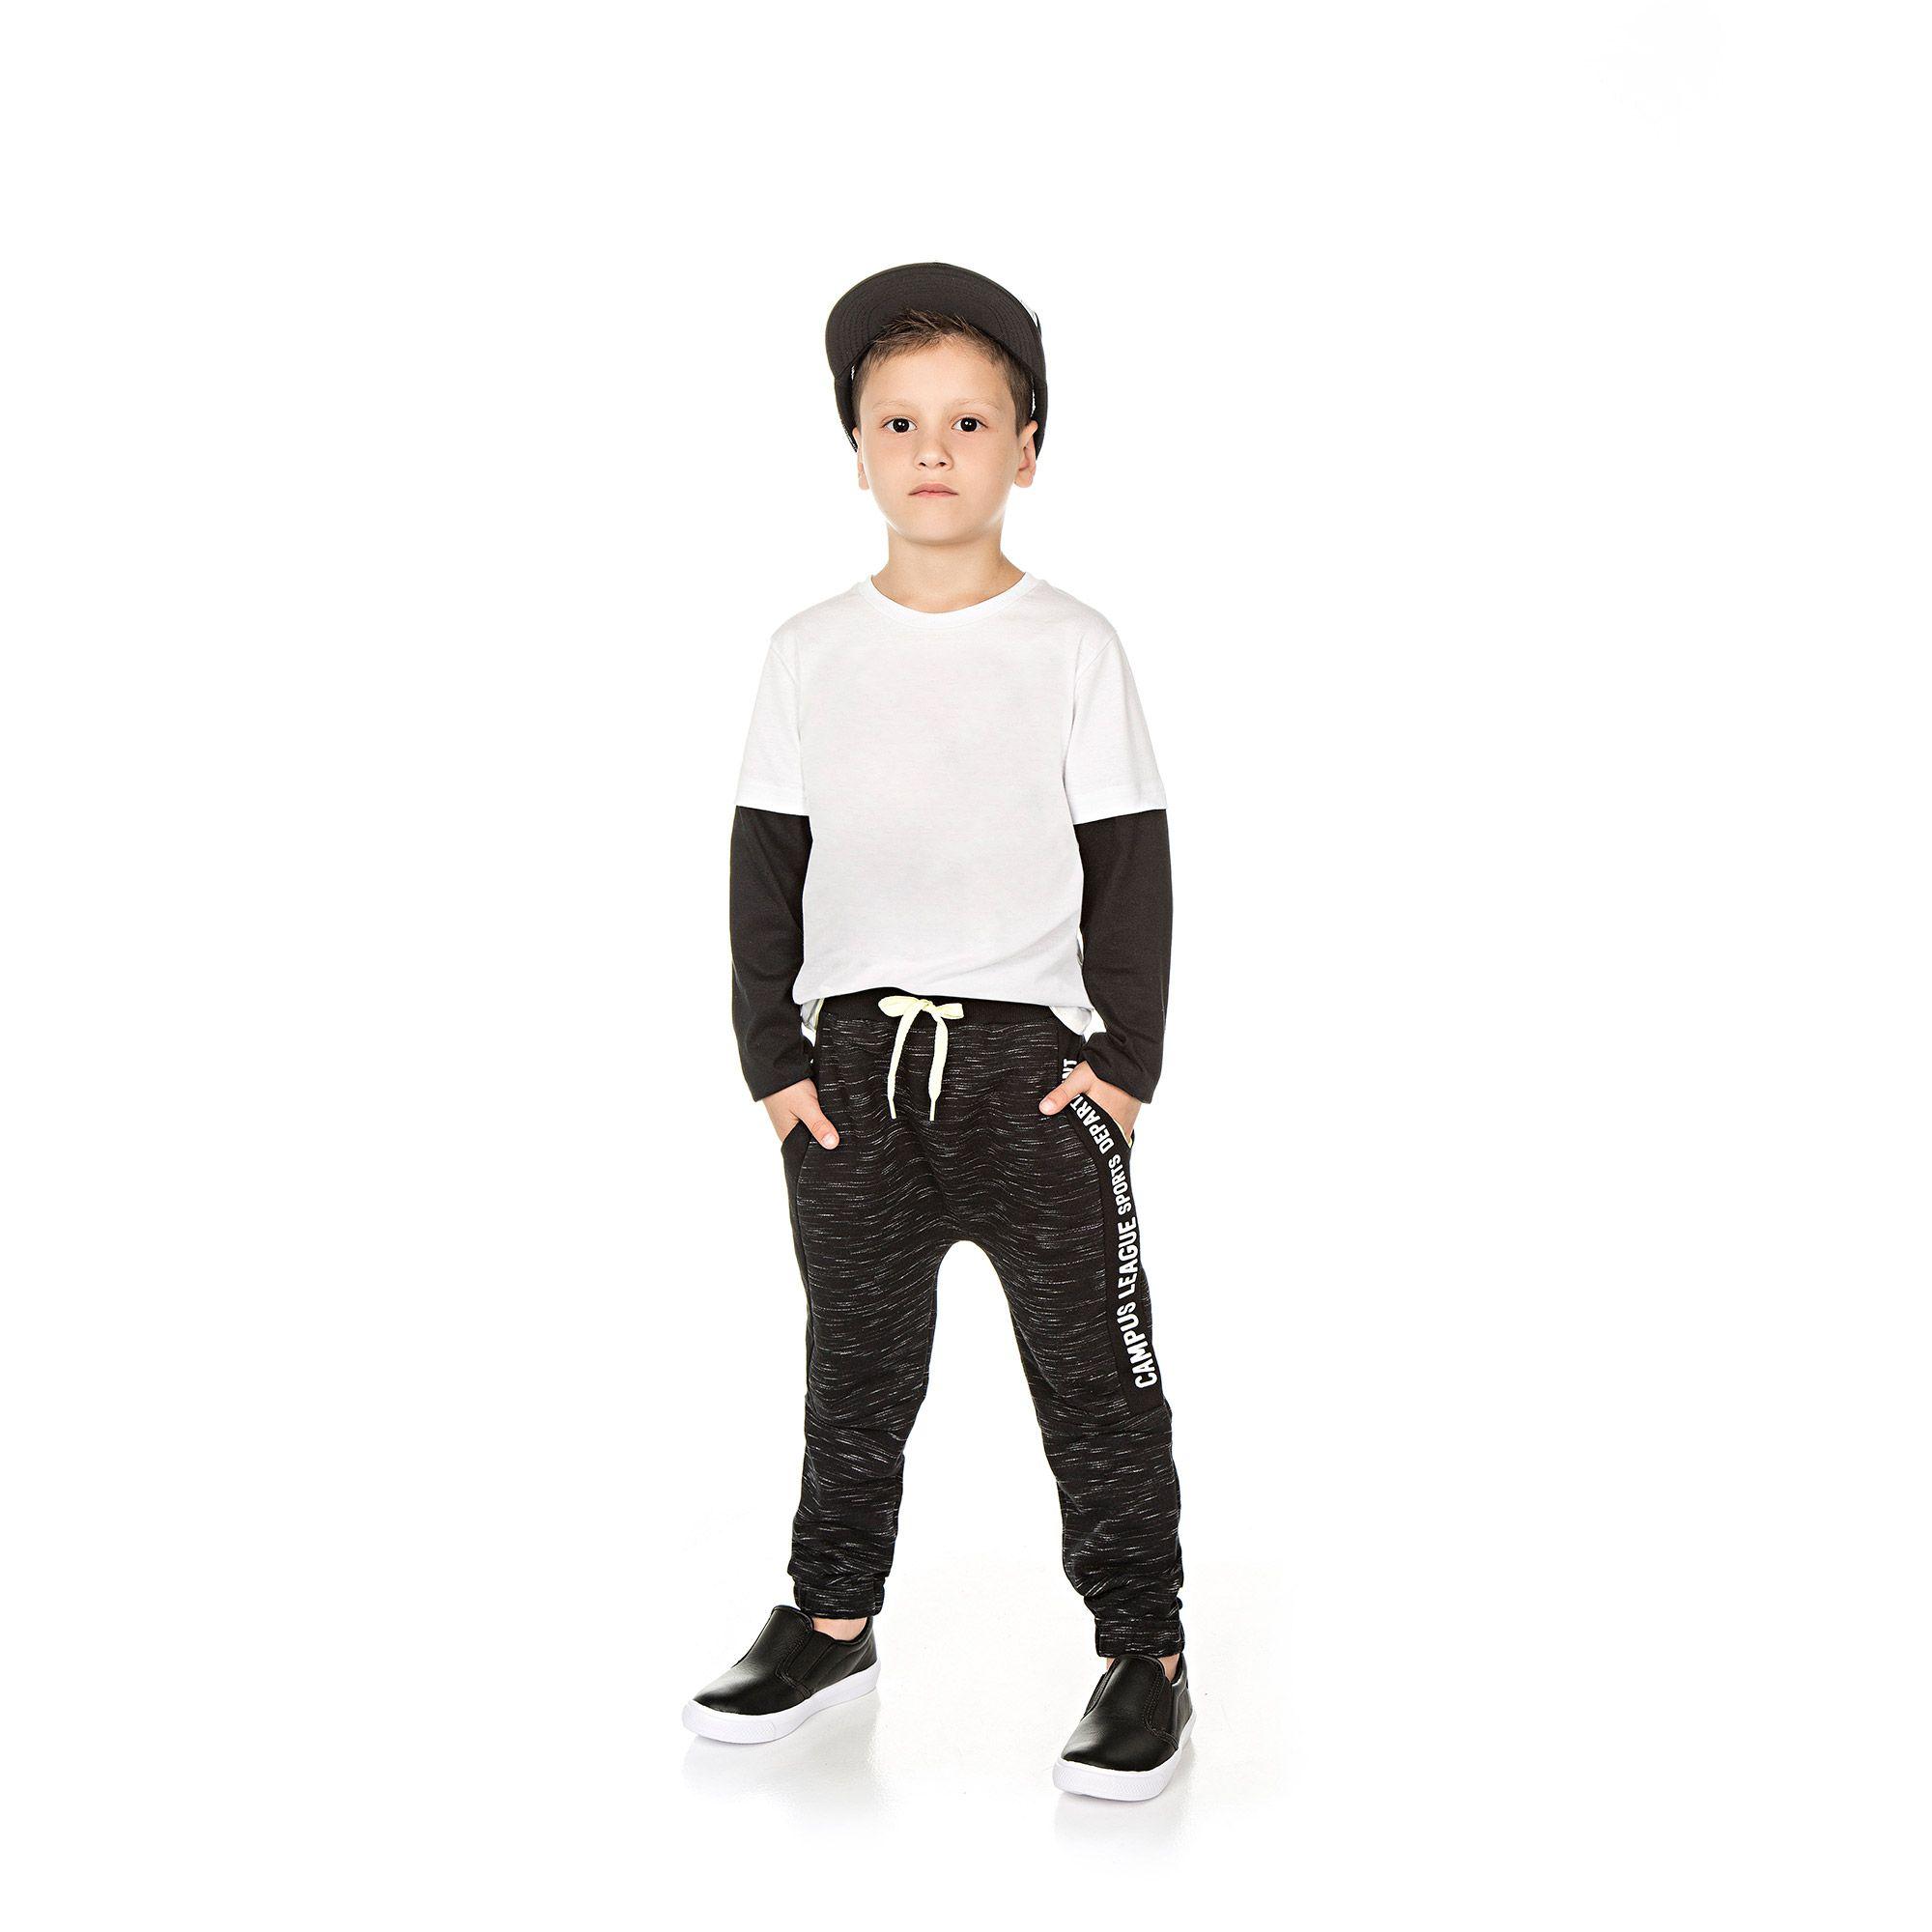 Calça Infantil Masculino  - Ref 5028 - Preto